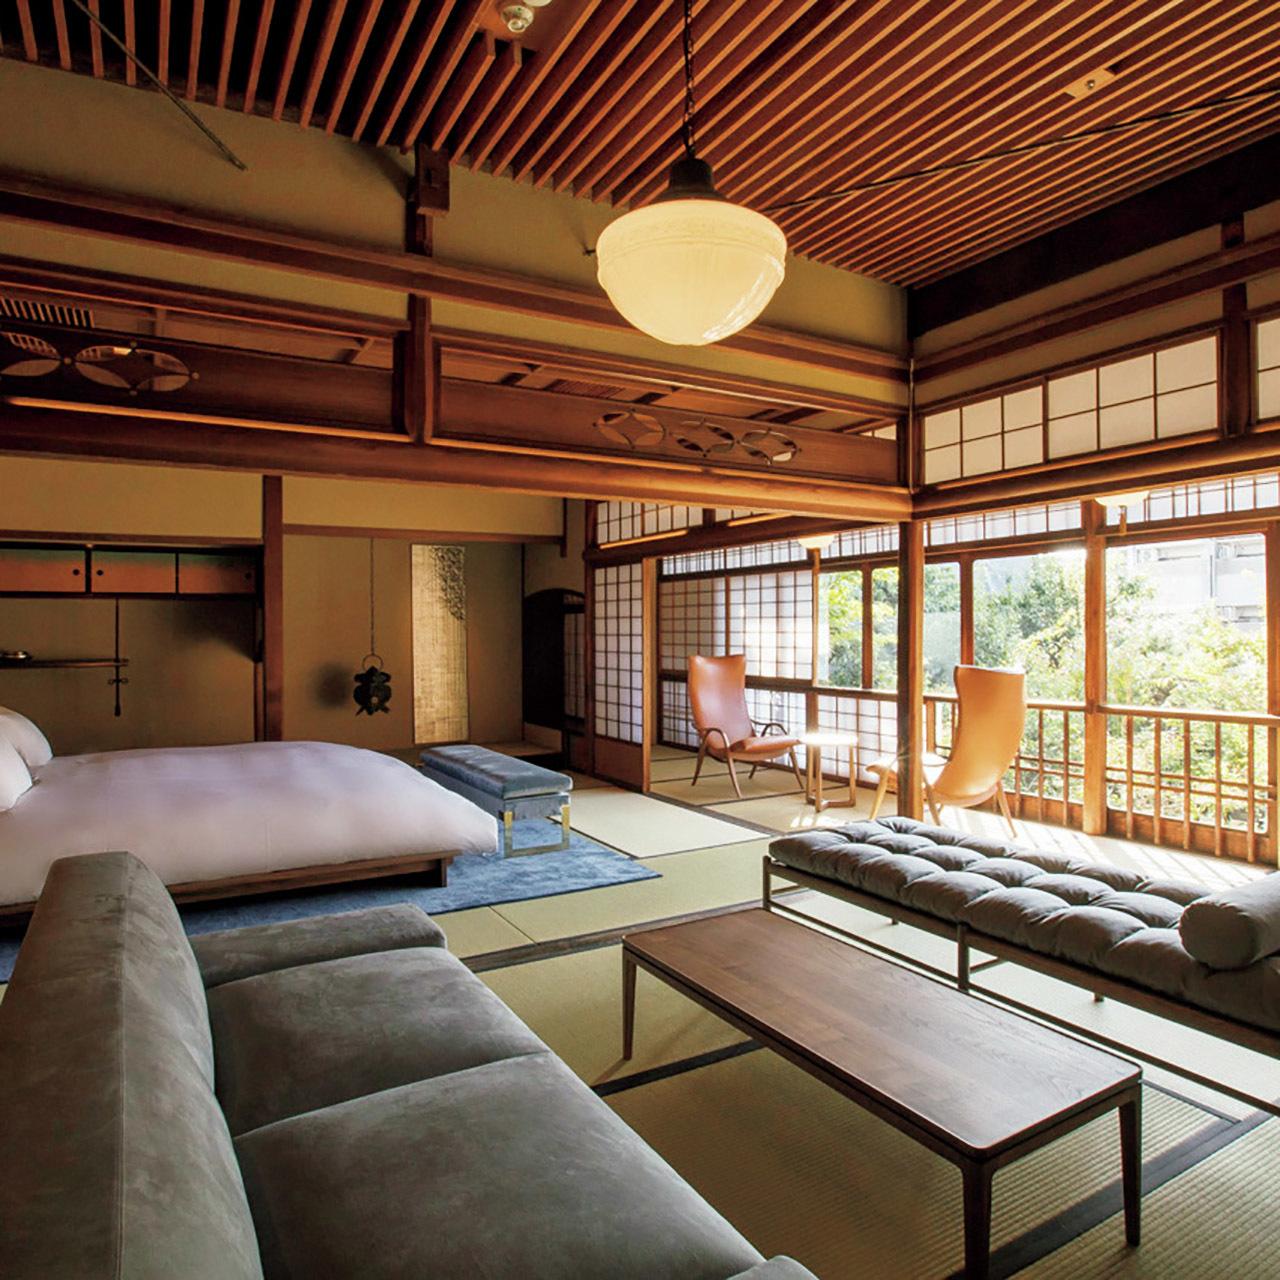 f64bad3d7498a 新館、本館ともに、京都の伝統的な町家の改修実績も豊富な建築家・魚谷繁礼氏が担当したことでも話題だ。レストランの料理を手がけるのは東京・西麻布の『ラ・  ...